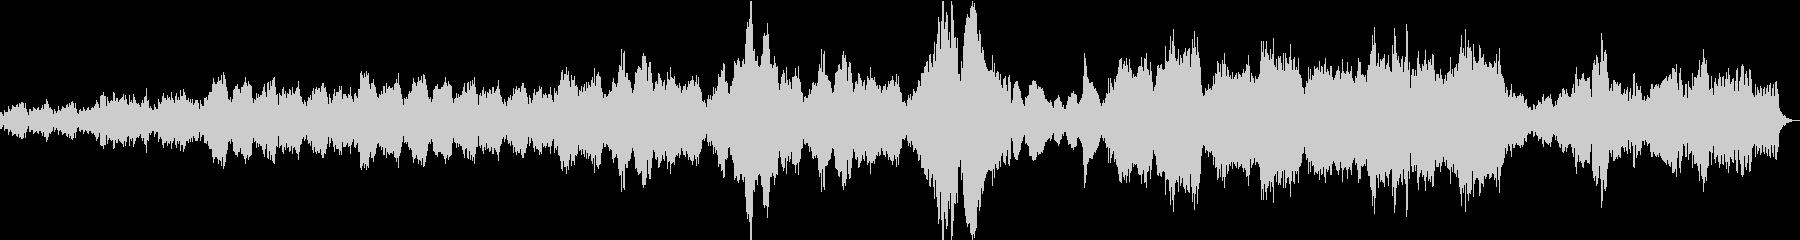 小オーケストラ ミステリアス ループ版の未再生の波形